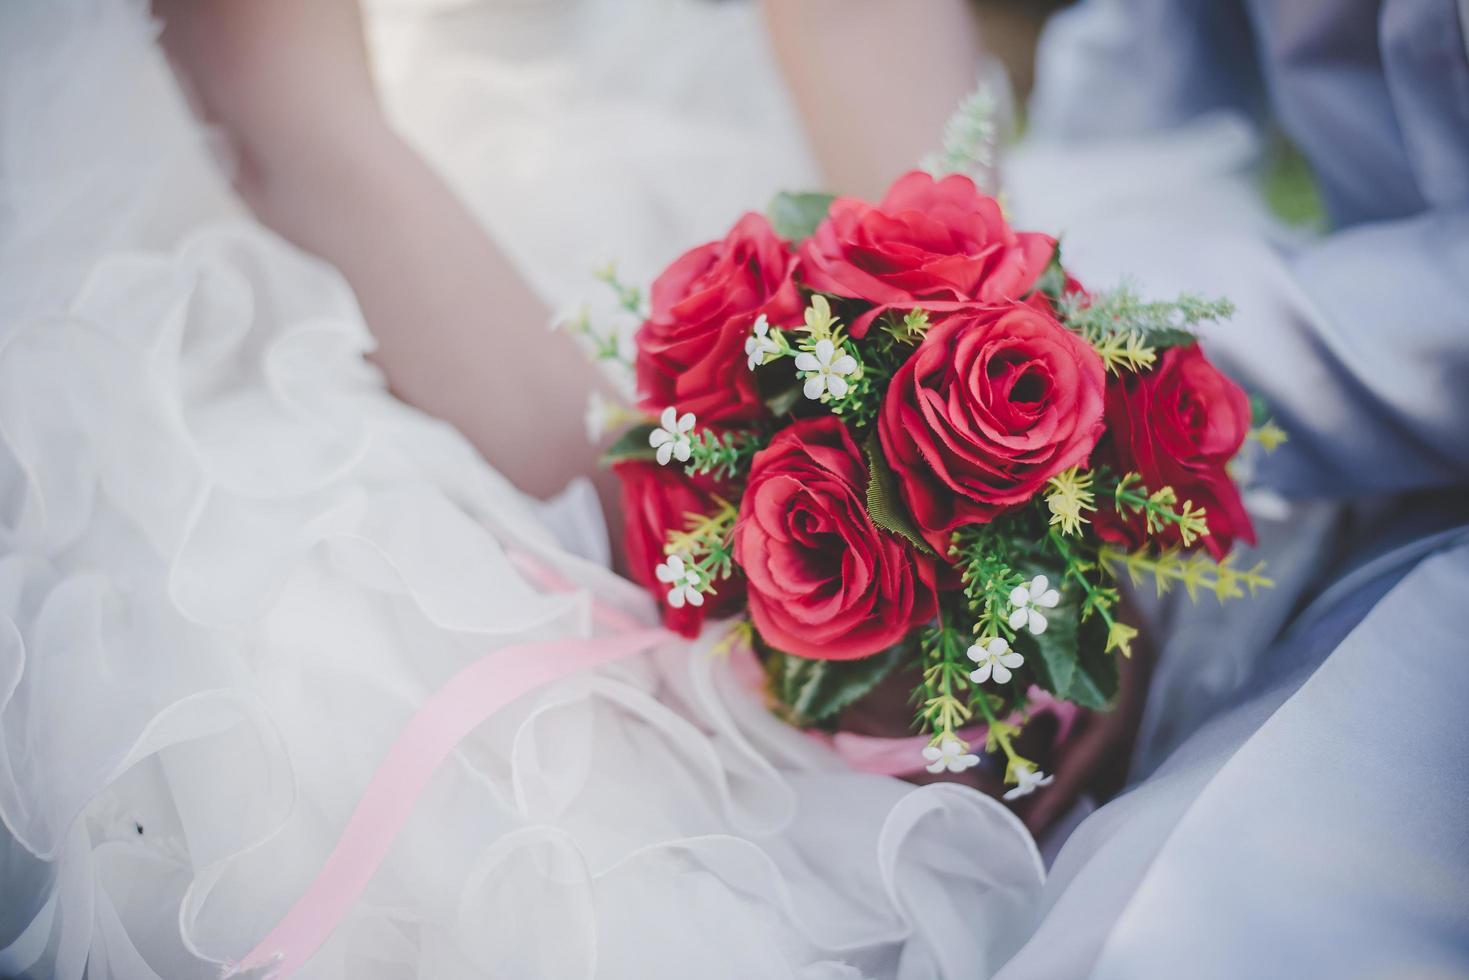 La novia sostiene un ramo de rosas rojas de boda en las manos foto